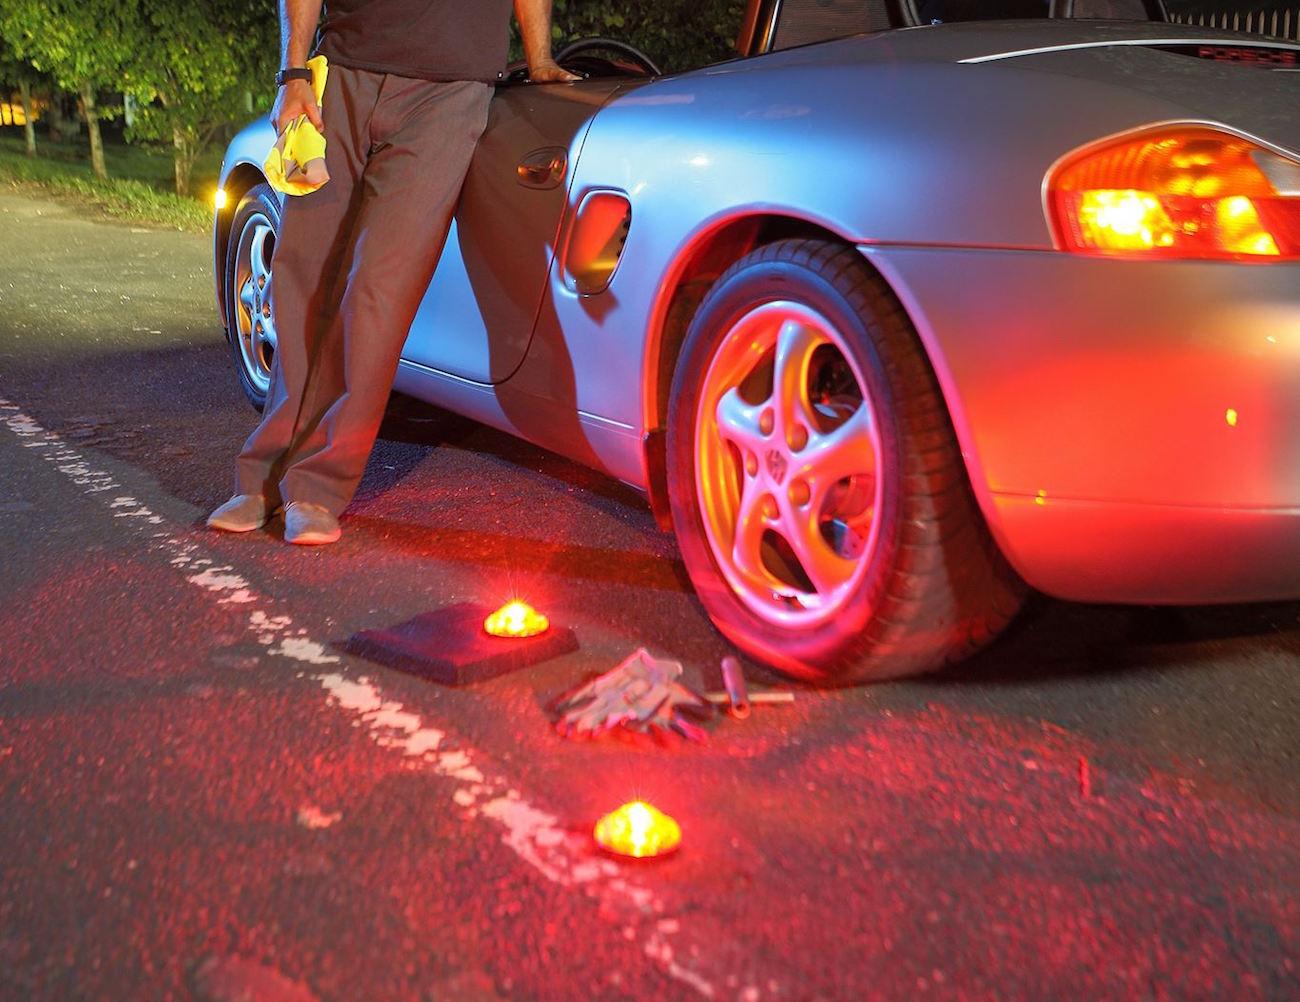 SofAlert Road Safety Kit